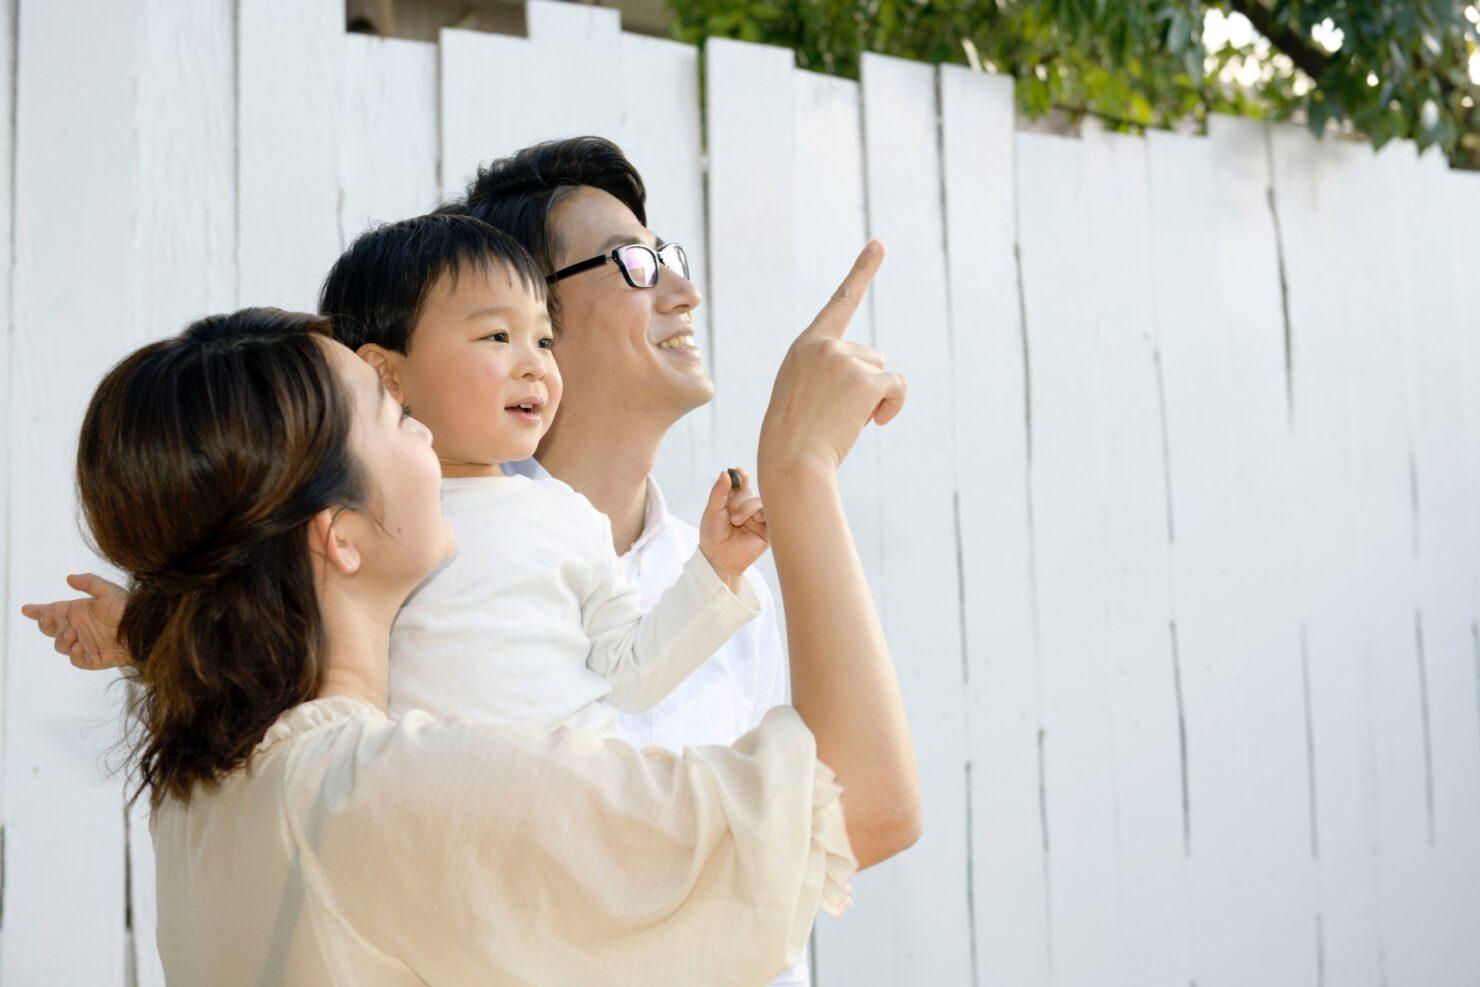 男性の育児参加には社会の変化が不可欠